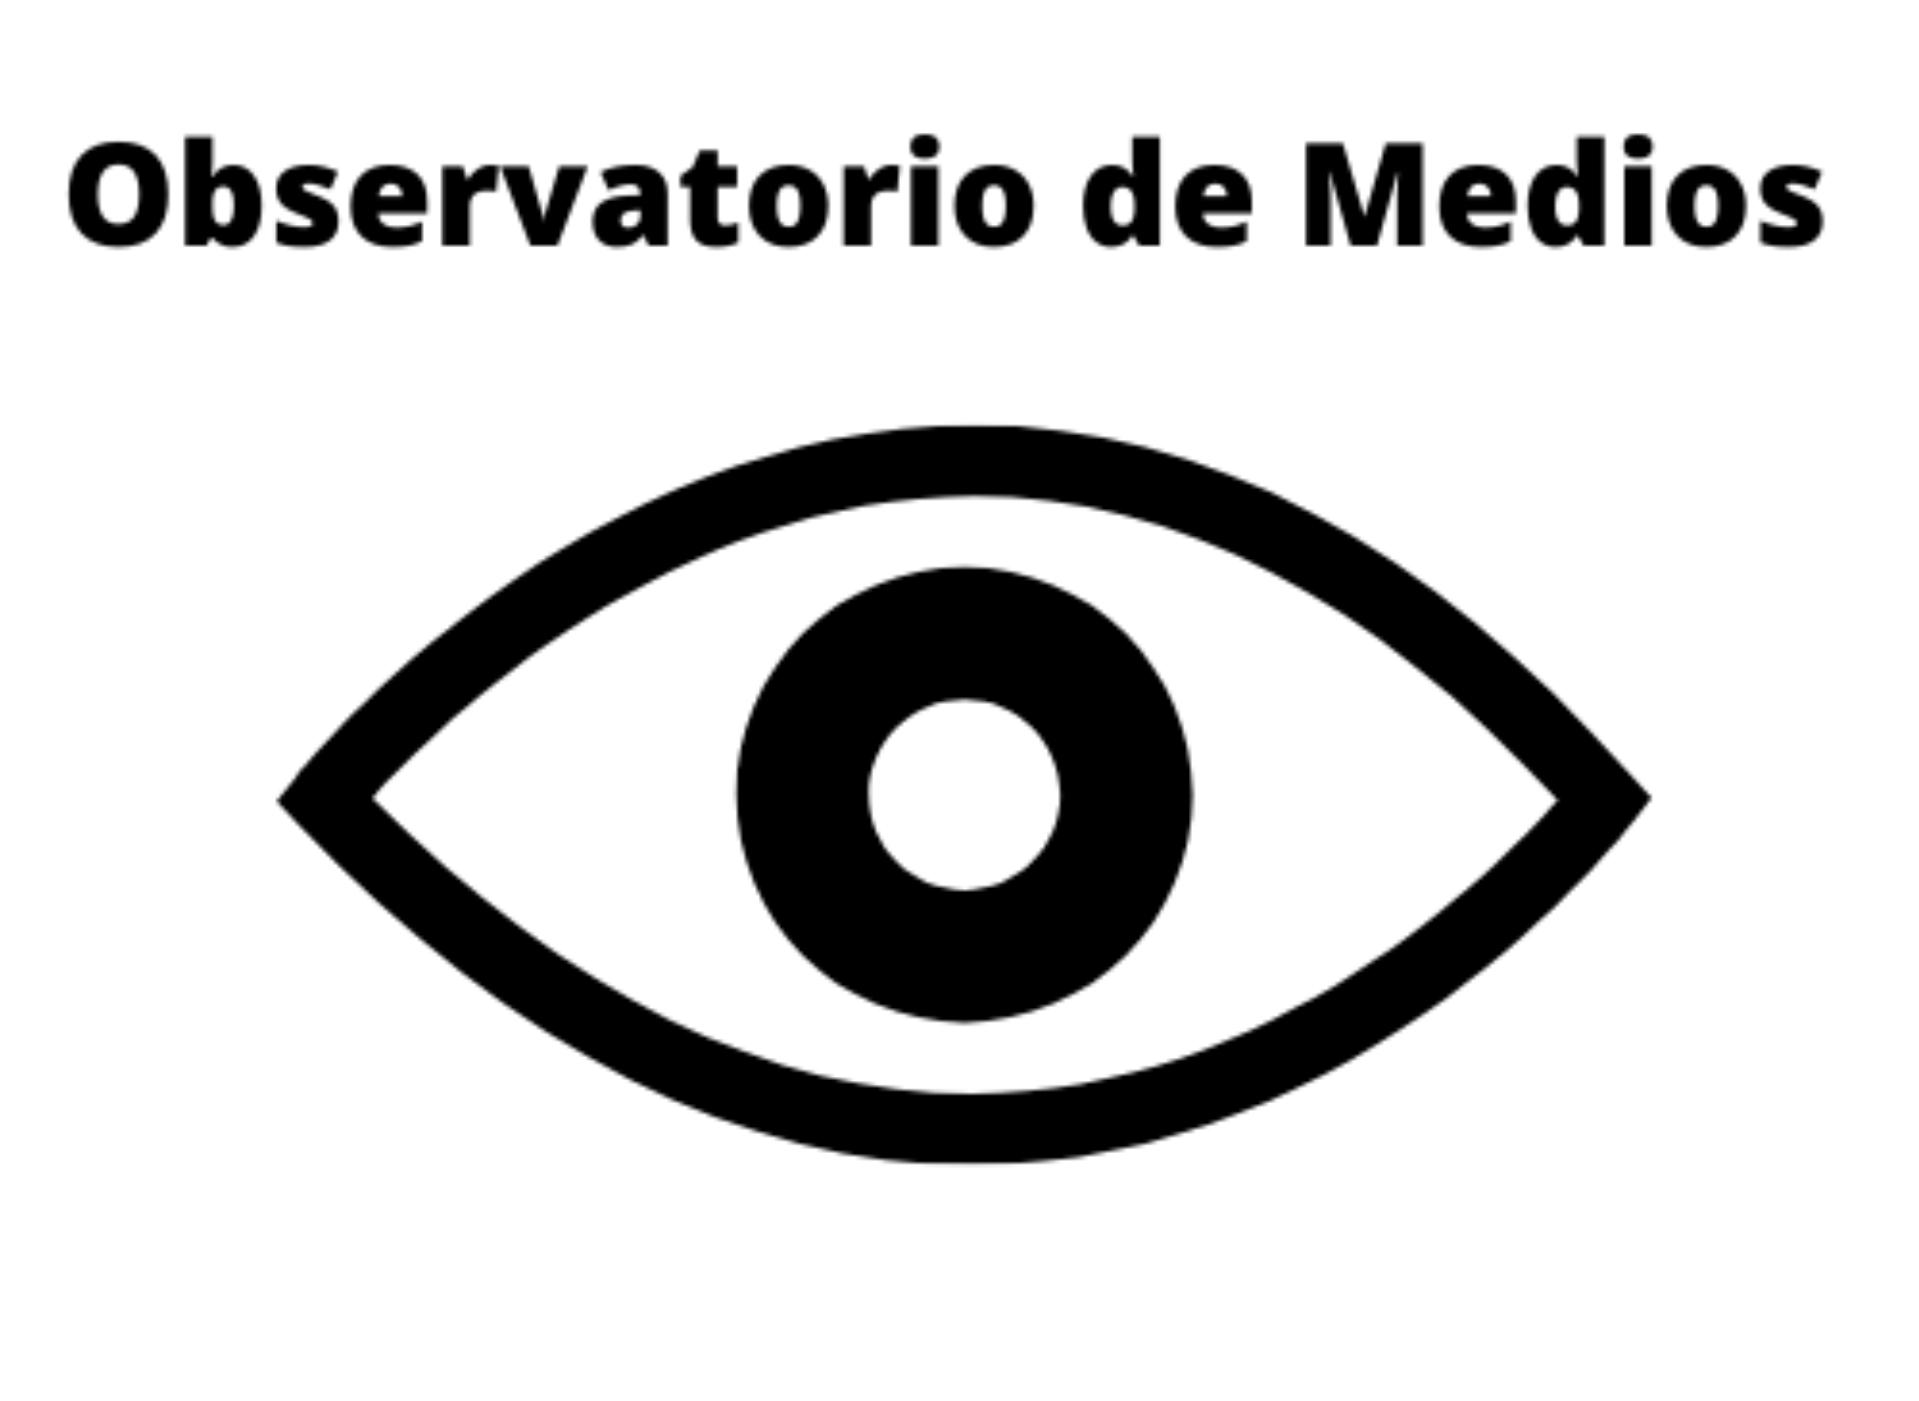 Observatorio de medios de Panamá